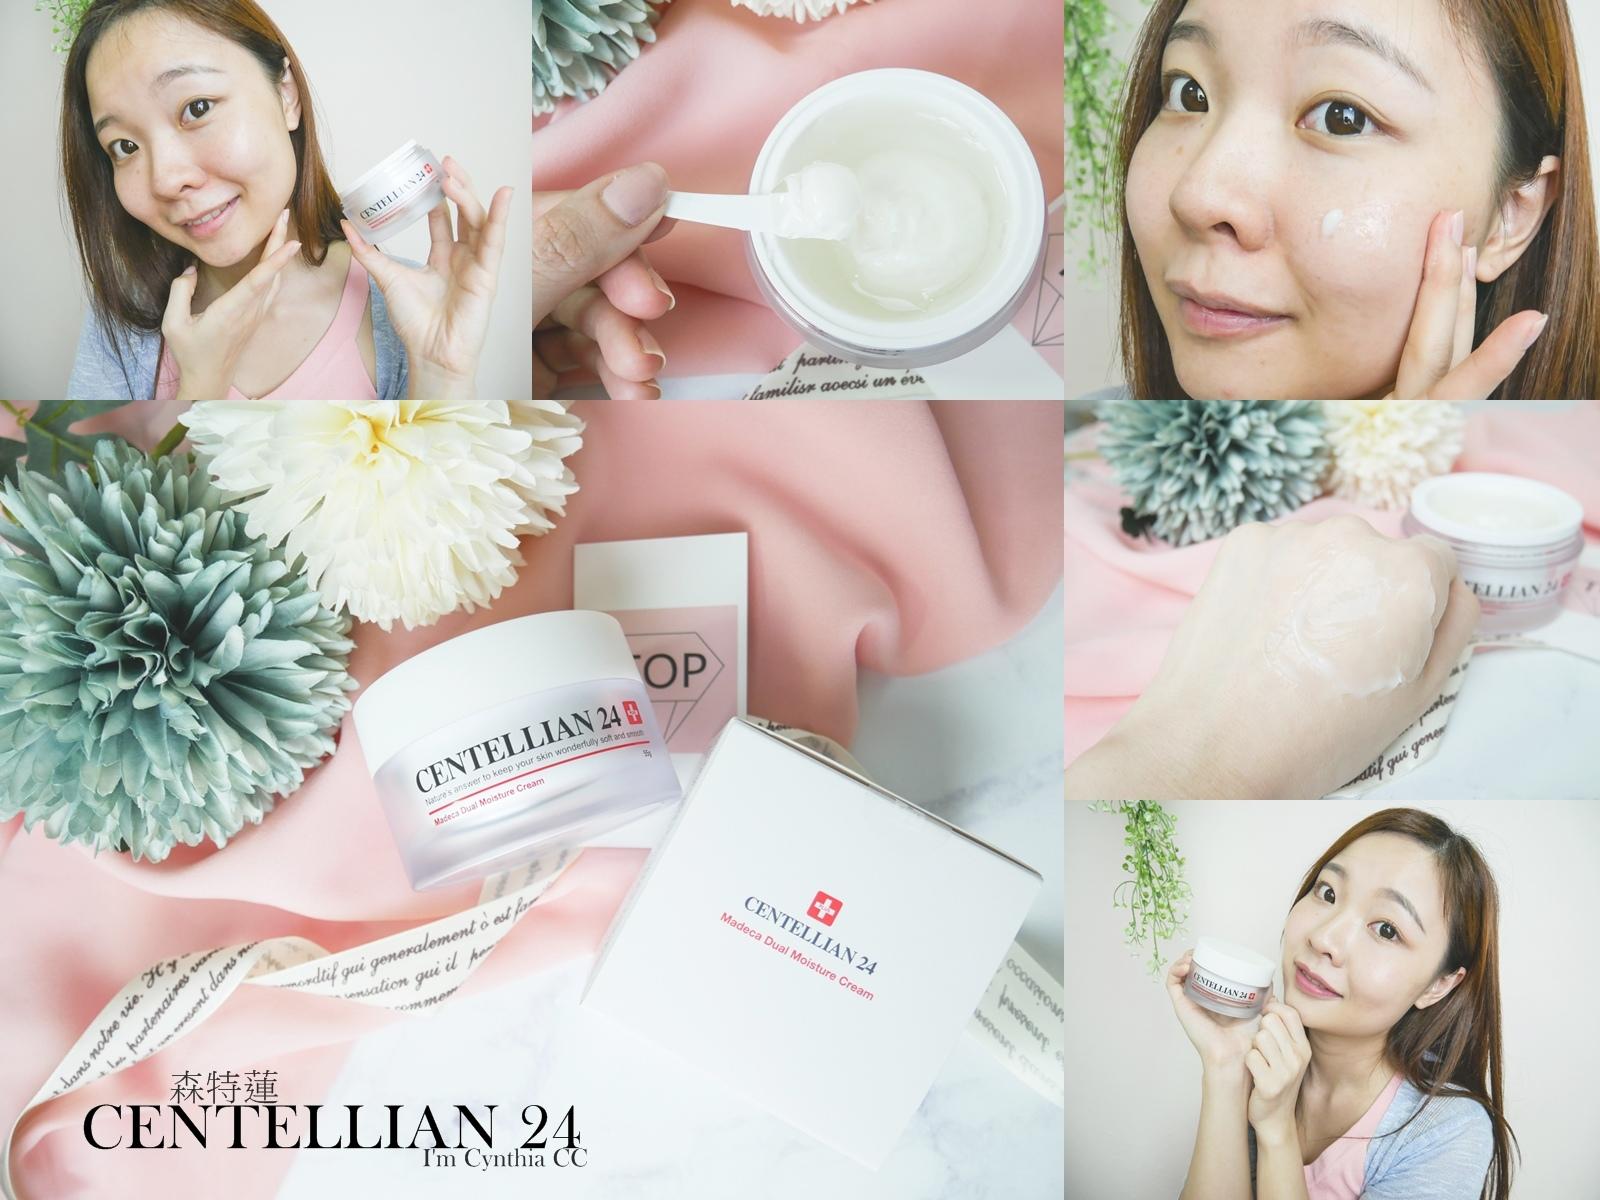 冬季保濕推薦-韓國保養品CENTELLIAN 24森特蓮 保濕滋潤雙效面霜